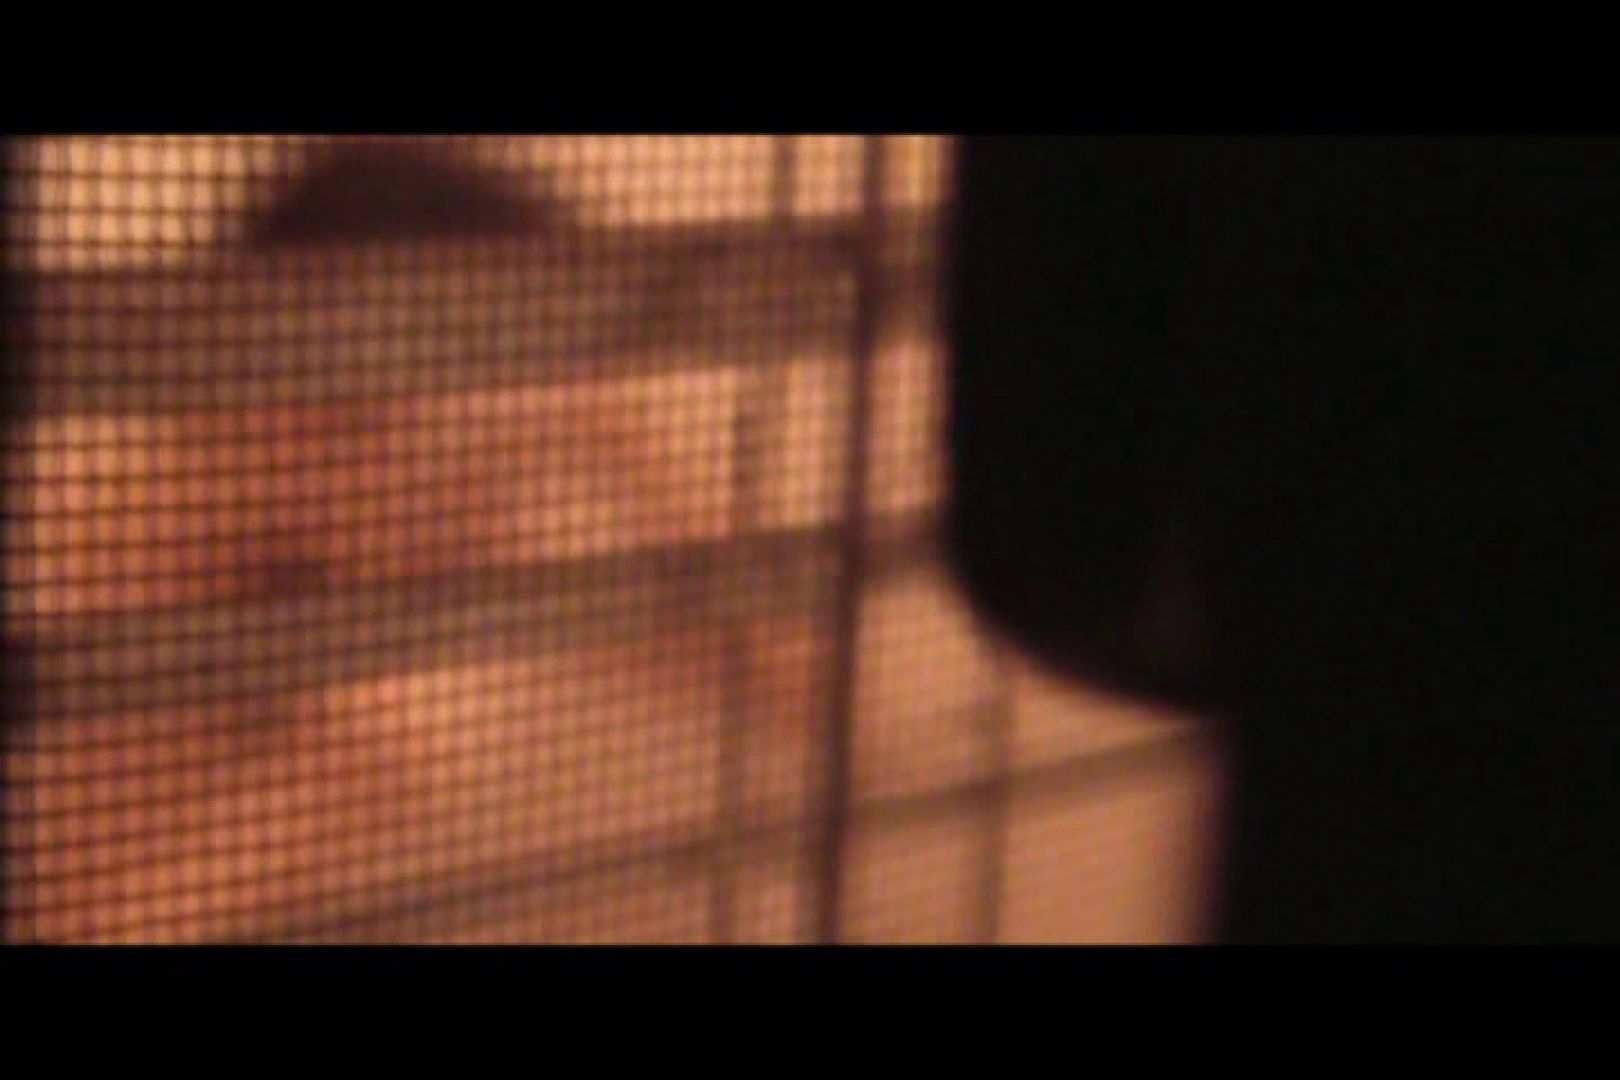 投稿者ハイロスさんのドキドキ覗き主観!VOL.01(一般女性5名 民家浴場編) 覗き  87pic 16